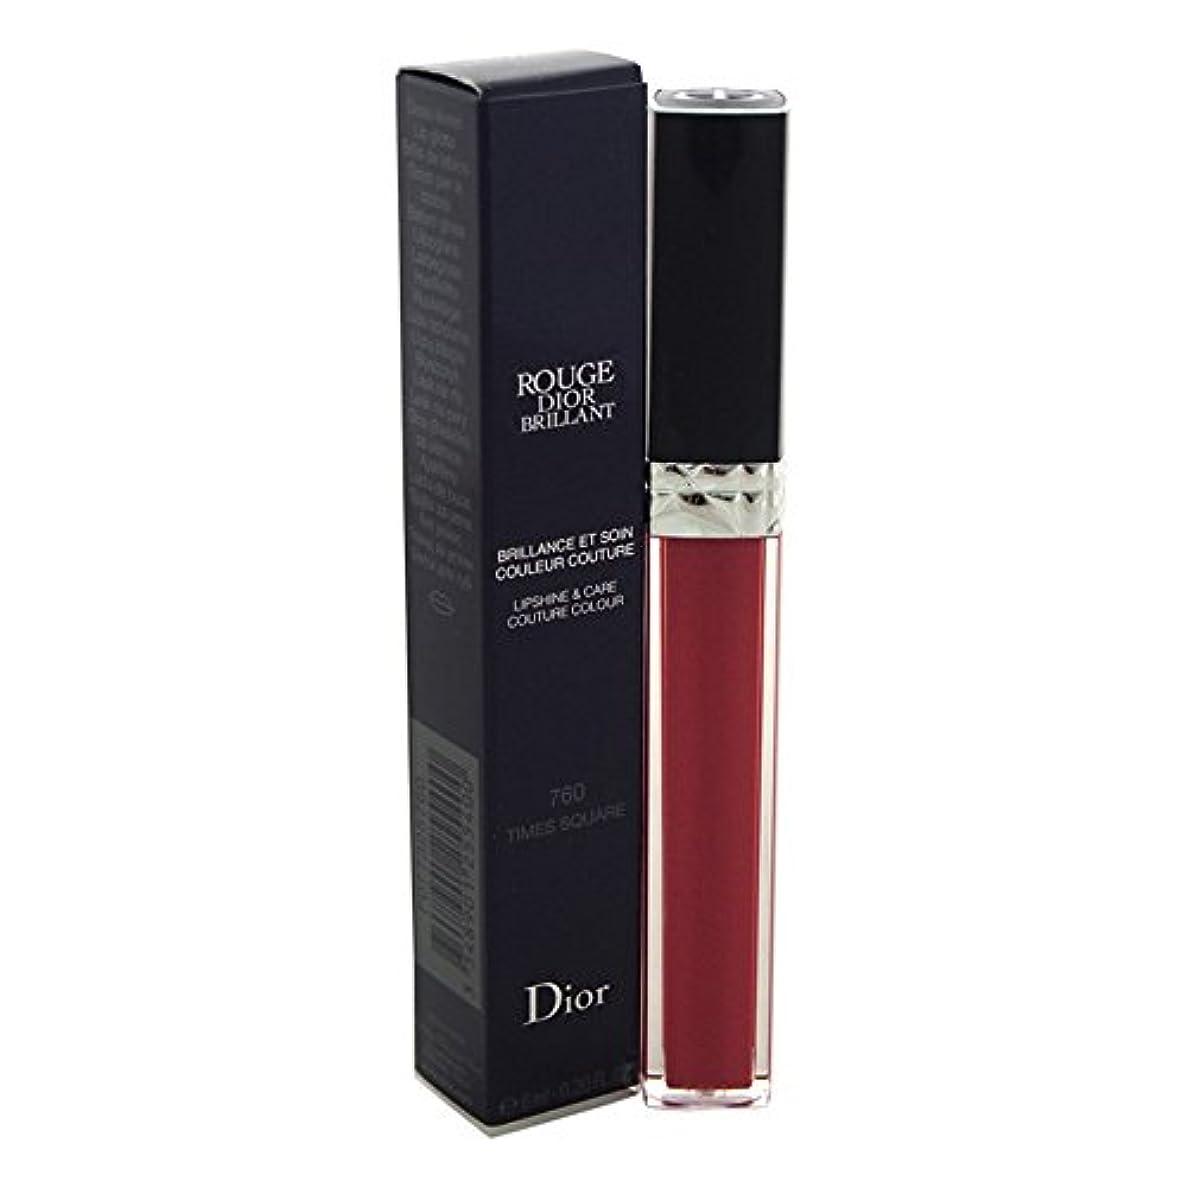 代替ショッピングセンター専門化するクリスチャンディオール Christian Dior ルージュ ディオール ブリヤン【760】 [並行輸入品]